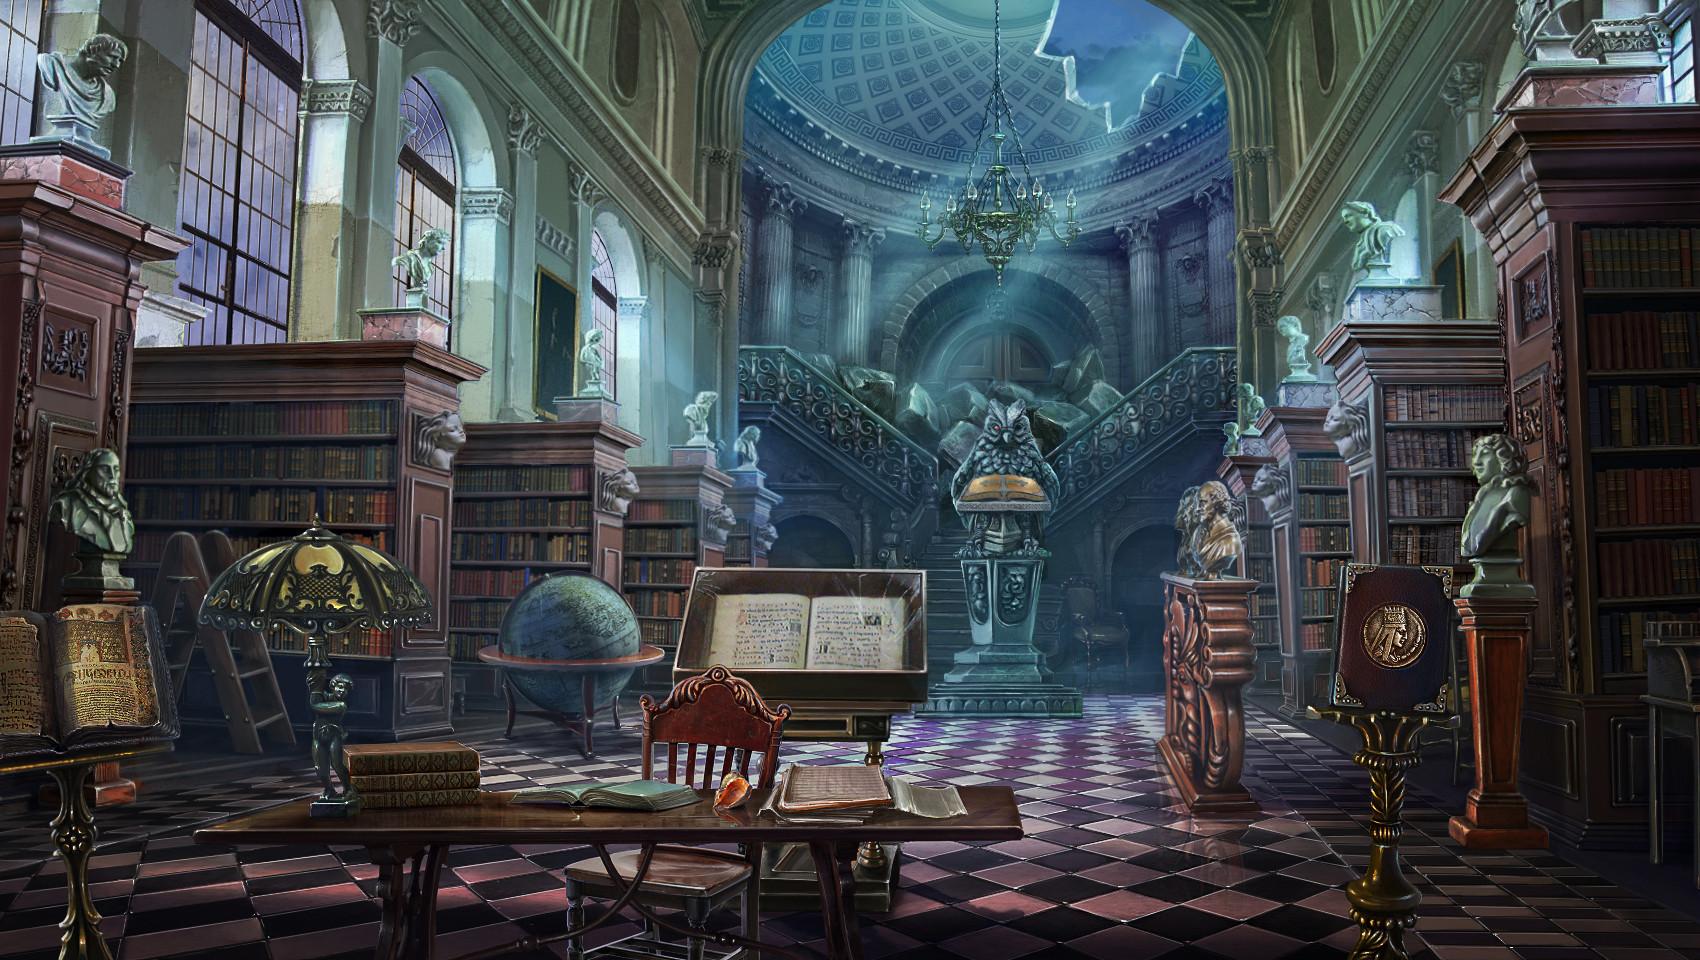 Школы академии магии и волшебства непутевый ученик в школе магии 13 серия overlords